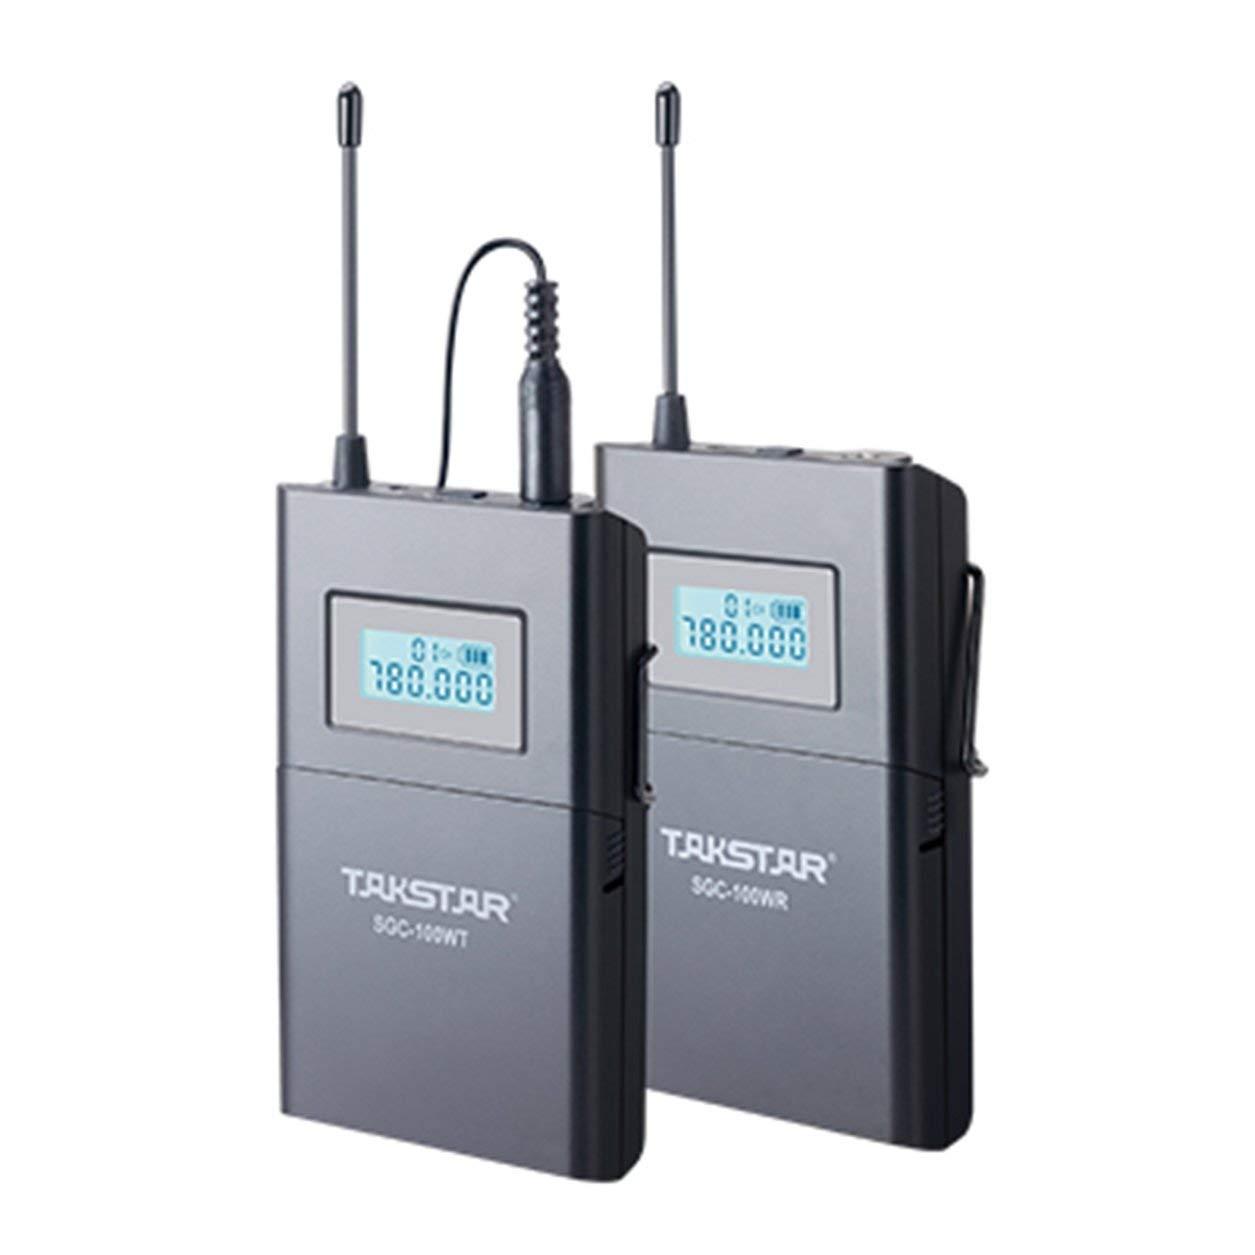 Uhf Frequenza Sgc-100W Wireless Lavalier Microfono A Clip Adatto Per Canon Dailyinshop